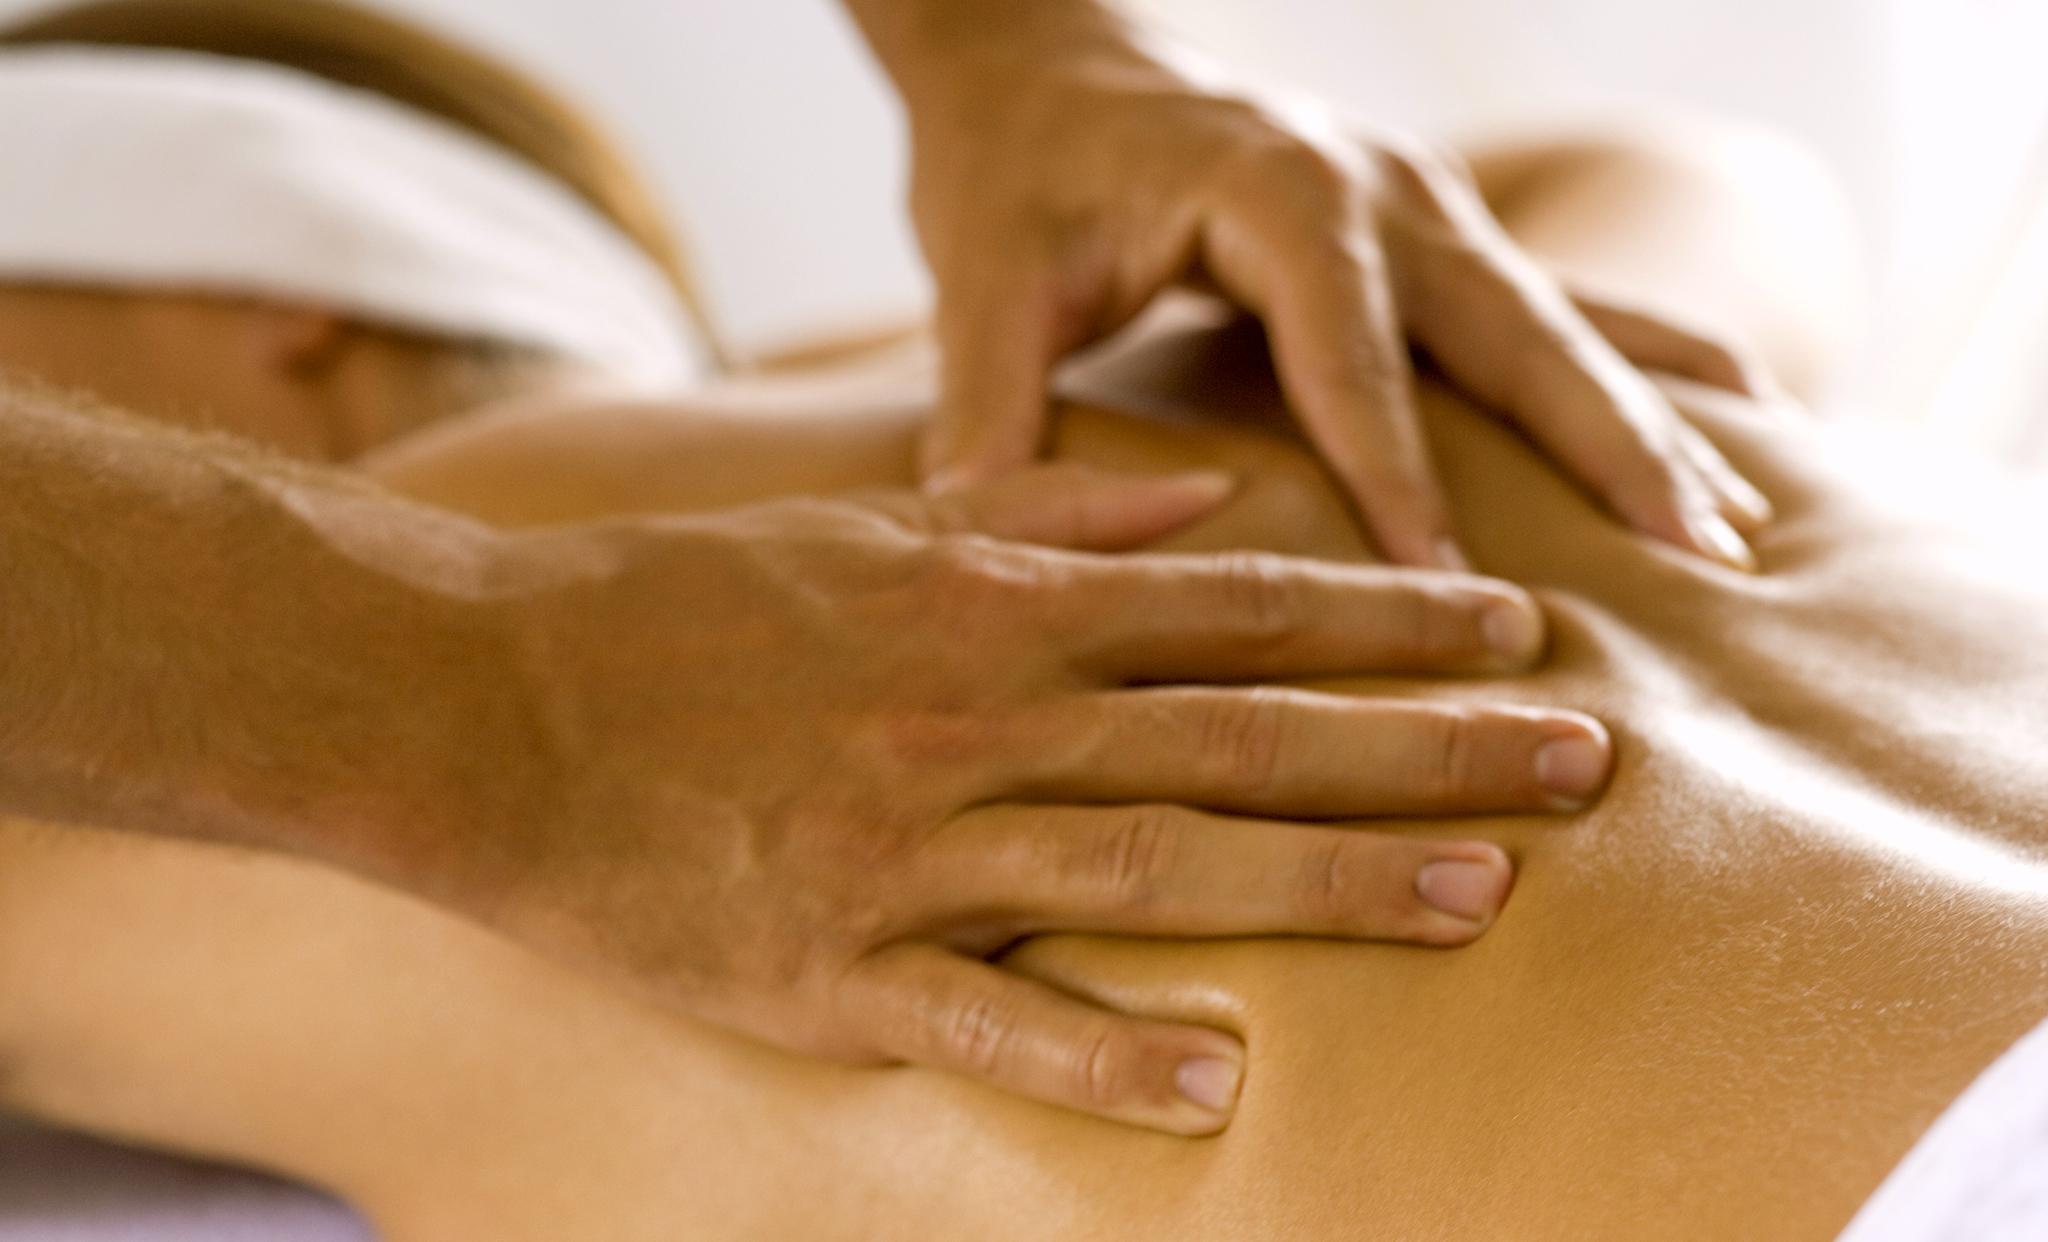 ประกาศรับสมัครพนักงานสปา: Peppermint Massage & Spa เปปเปอร์มินท์ มาสสาจ แอนด์ สปา (ลาดพร้าว กรุงเทพฯ)